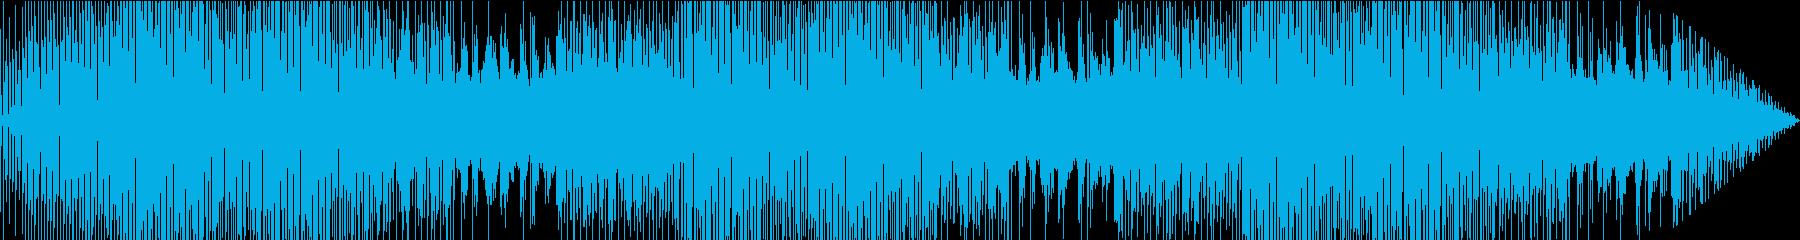 近代的エレクトロポップの再生済みの波形